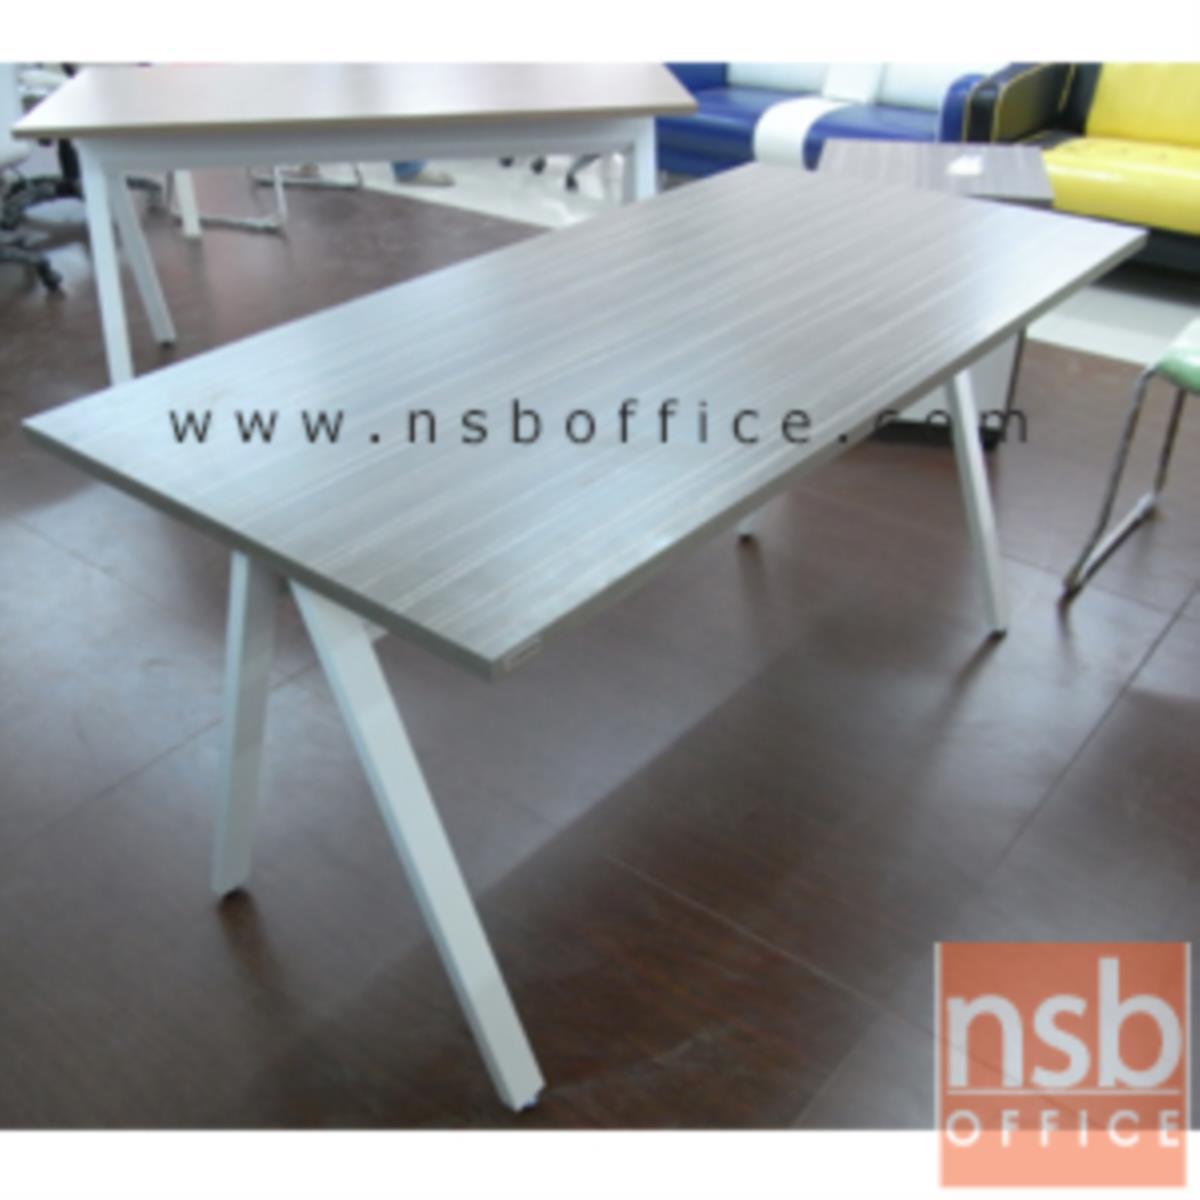 โต๊ะทำงาน  รุ่น DK-ALEG15  ขนาด 150W*75H cm. ขาเหล็กตัวเอ